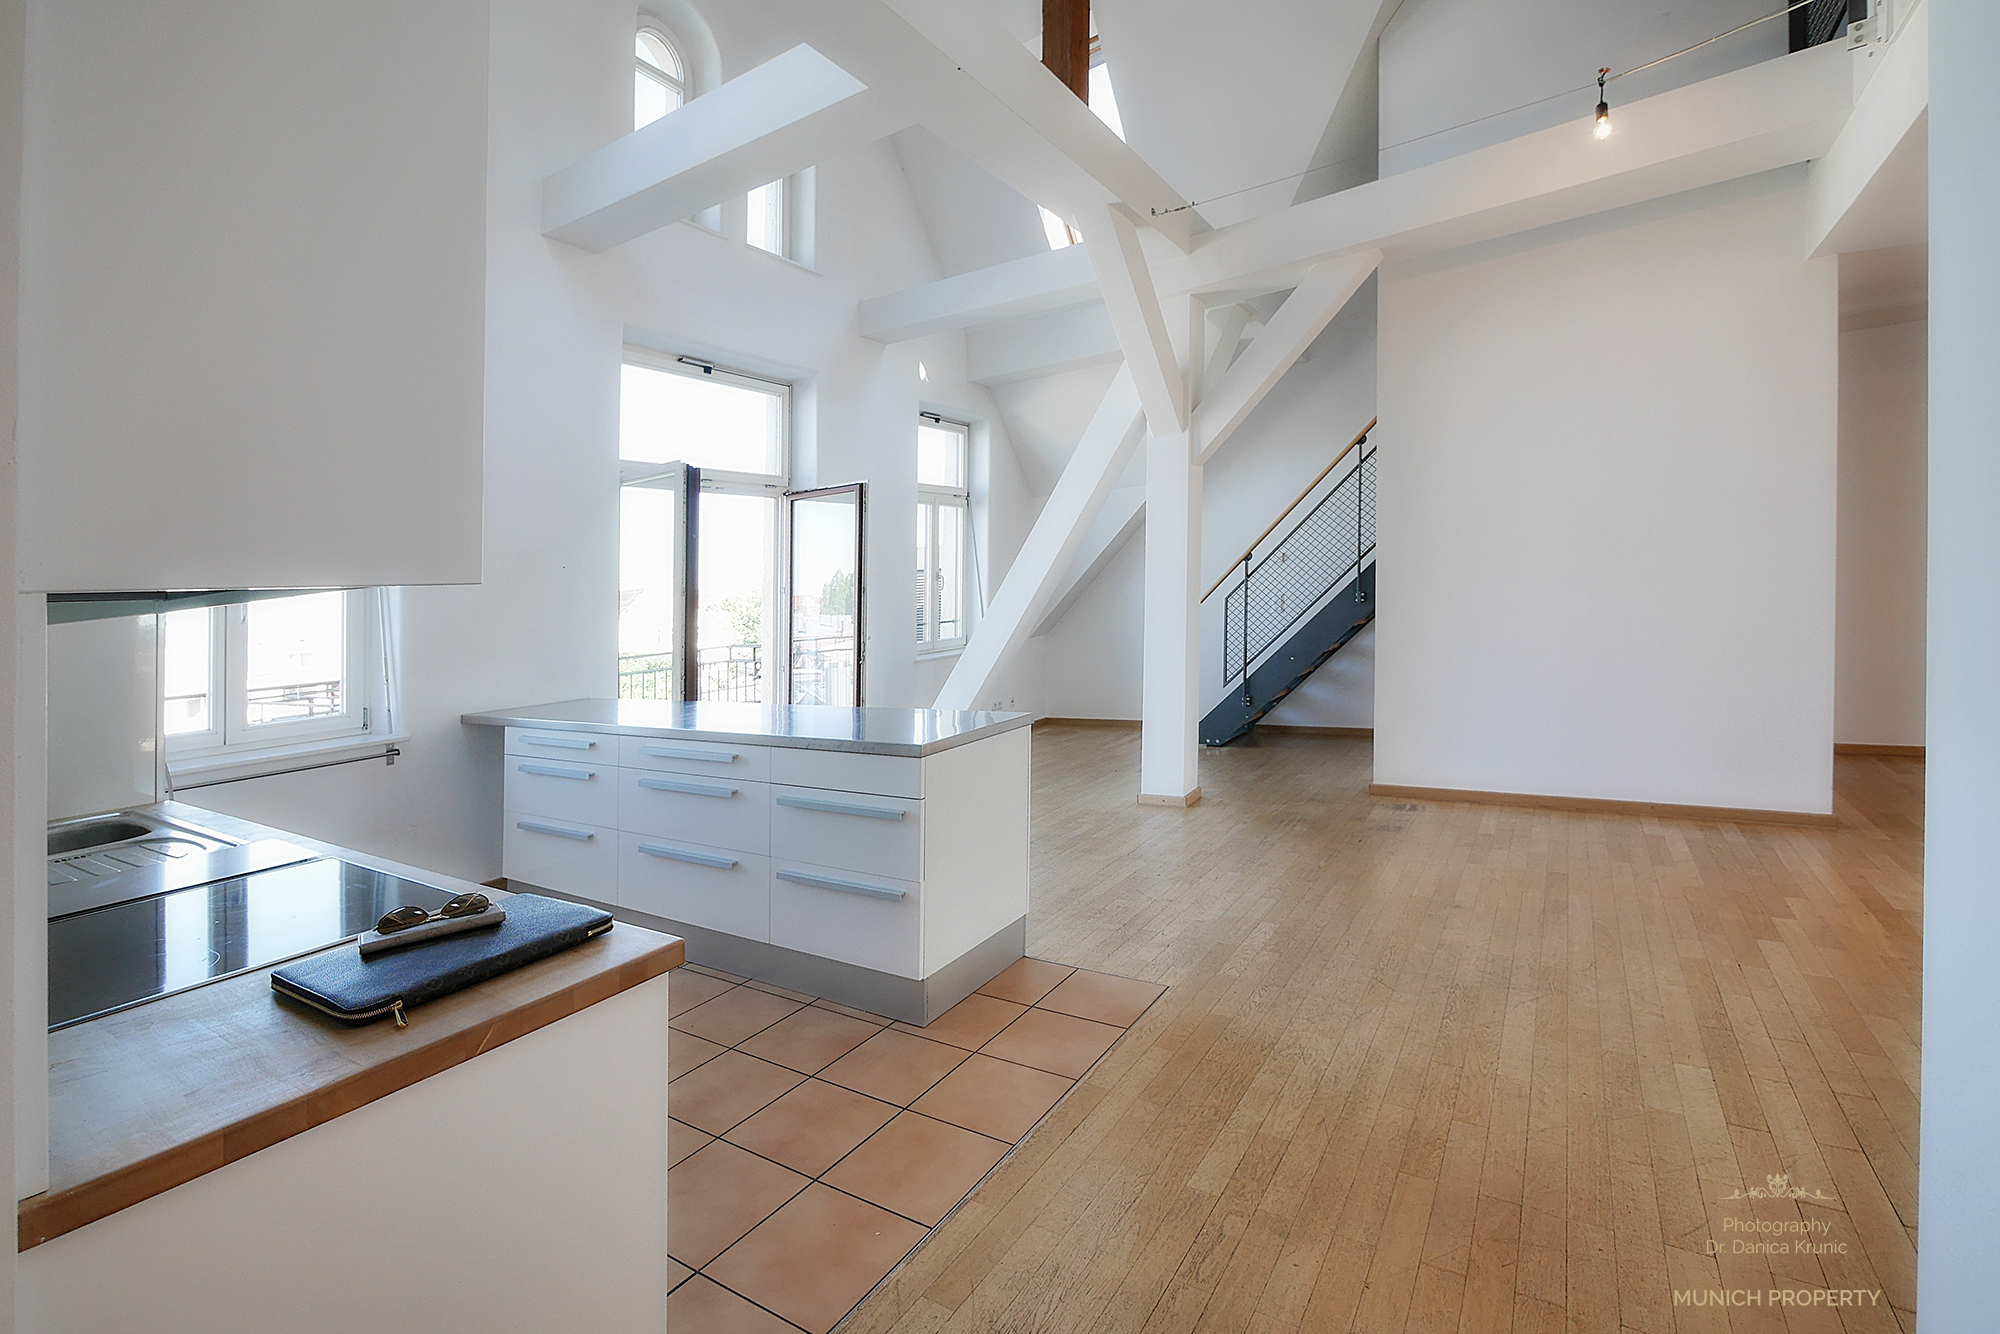 Wohnung München Isarvorstadt Ludwigsvorstadt Glockenbach: Luxus Altbau Wohnung mit Galerie, Parkett, Säulen, Schrägen, fulminante Räumhöhe